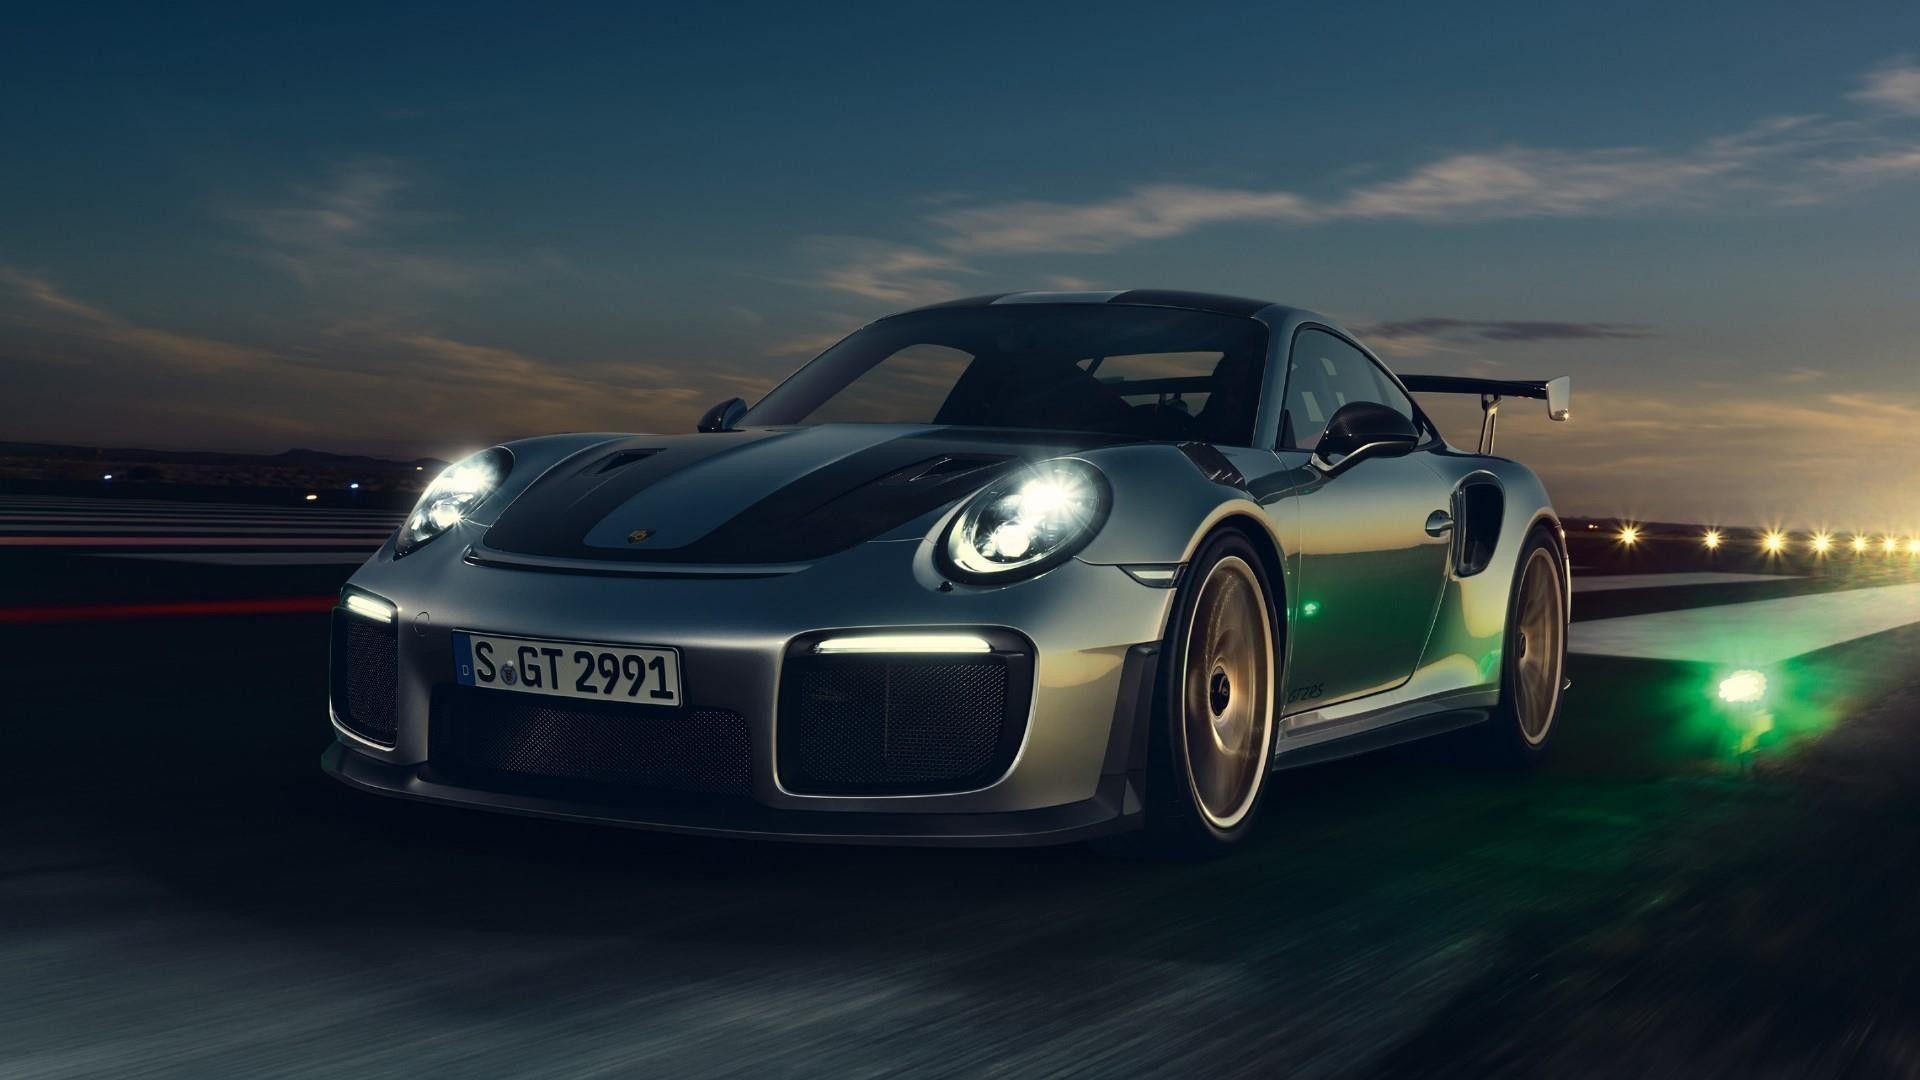 1920x1080 Hd Porsche Wallpapers Top Free 1920x1080 Hd Porsche Backgrounds Wallpaperaccess